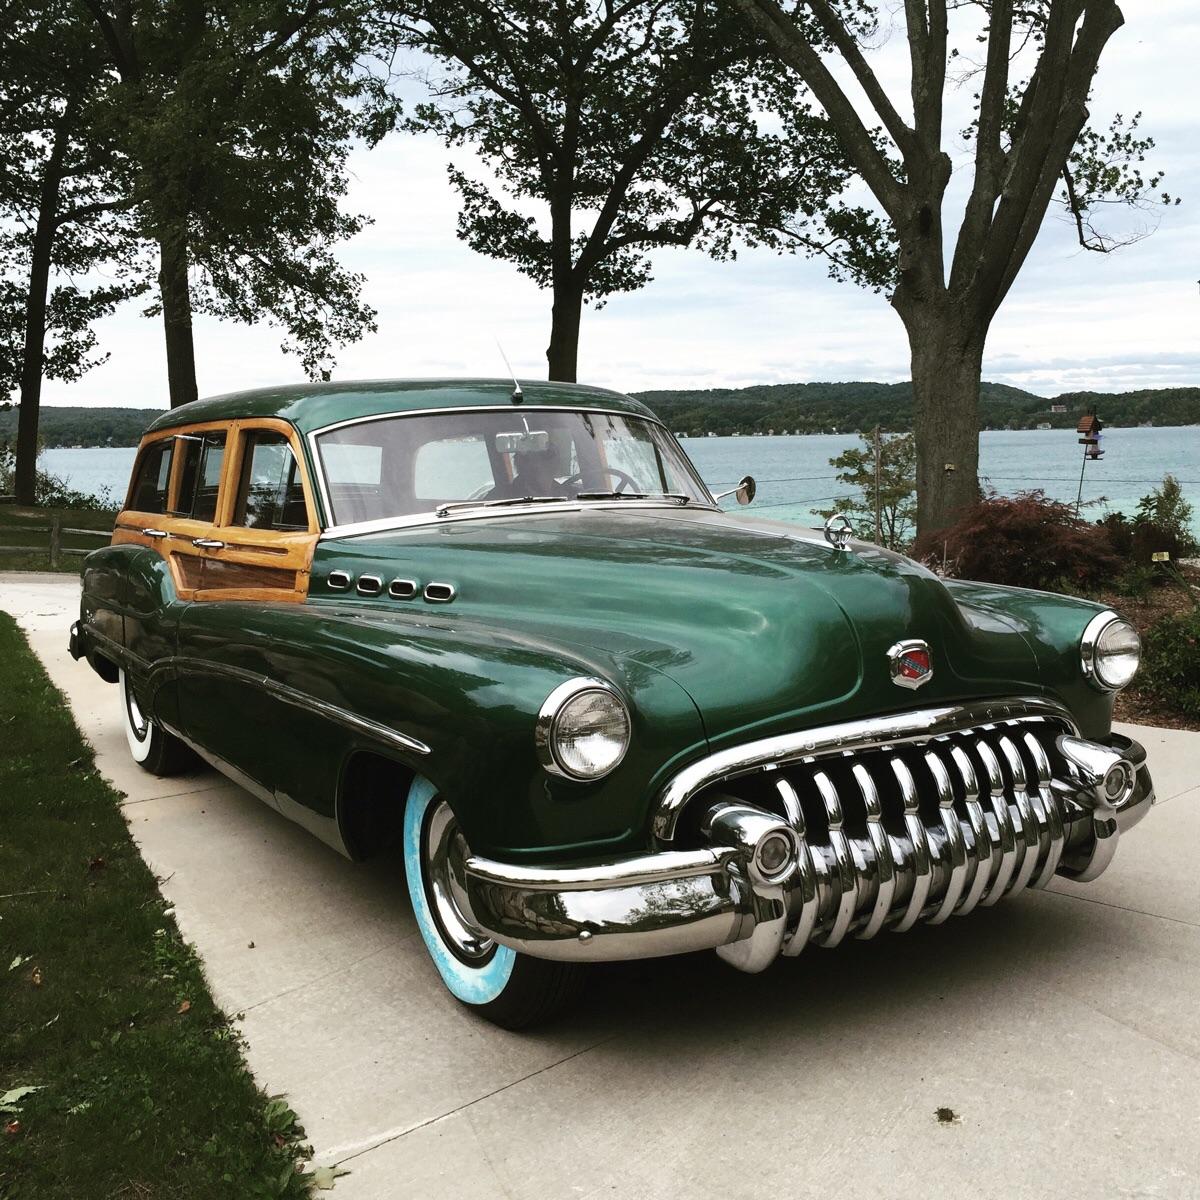 1950 Woody at the lake